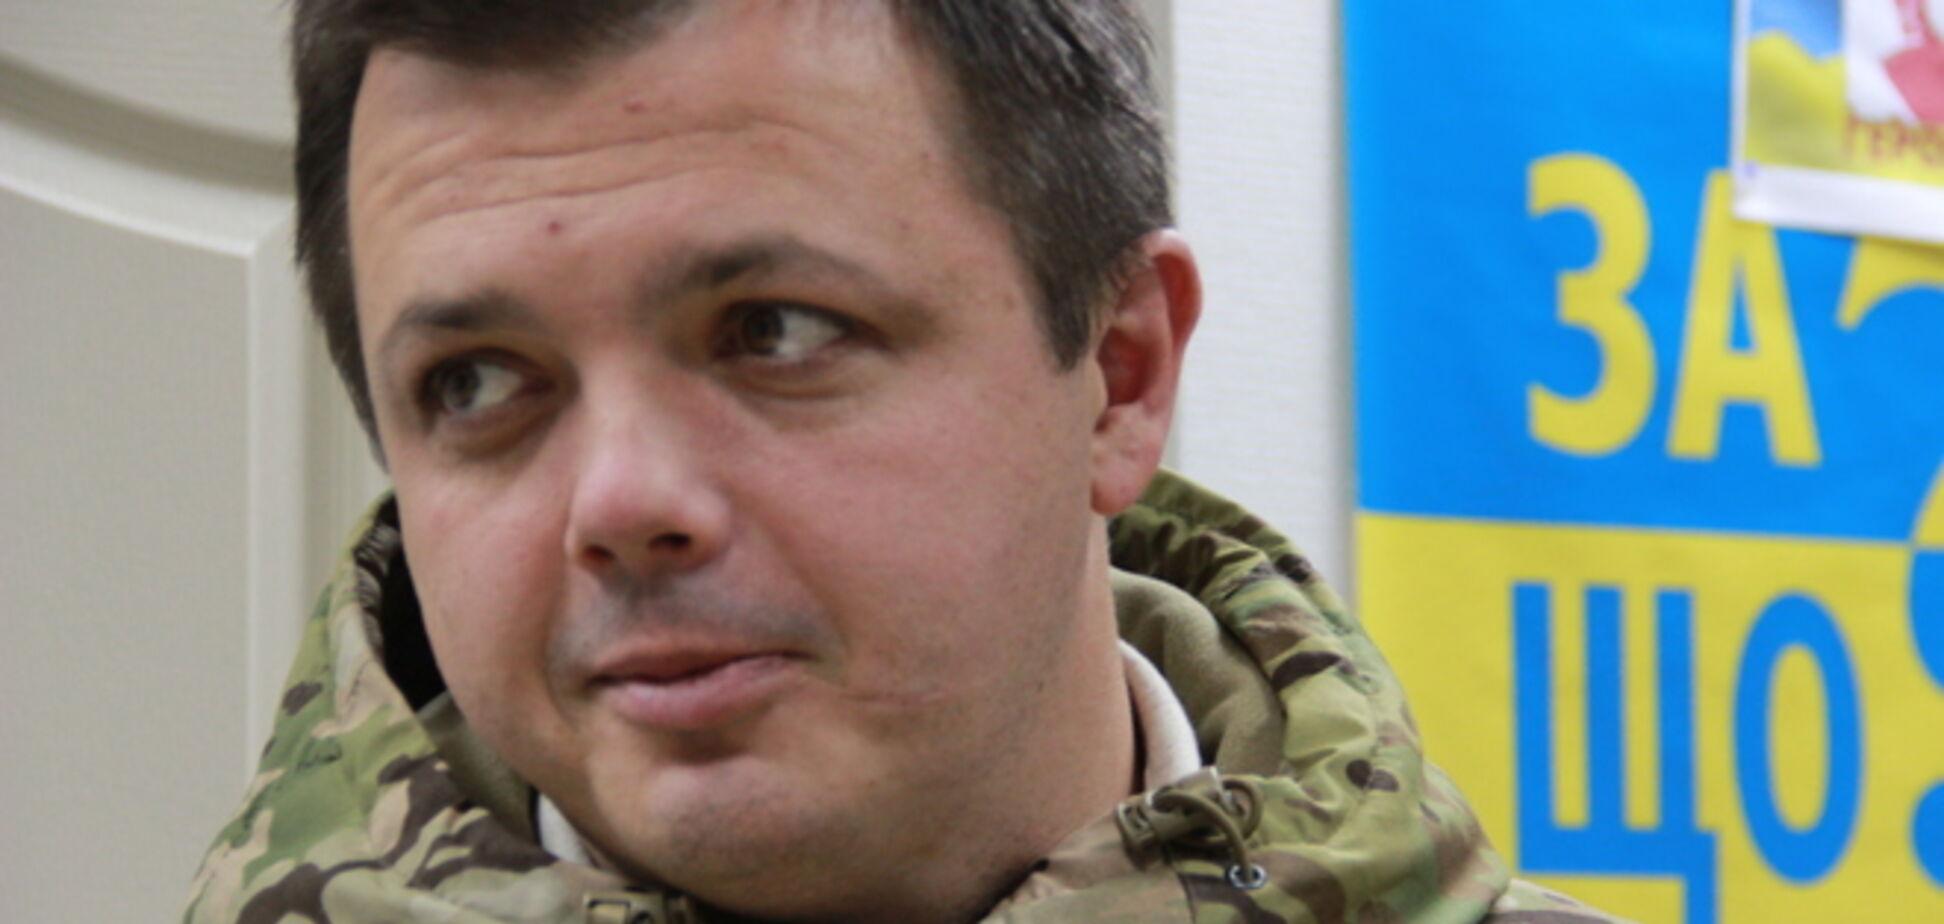 Семенченко прокомментировал свое присутствие в захваченной сепаратистами ДонОГА